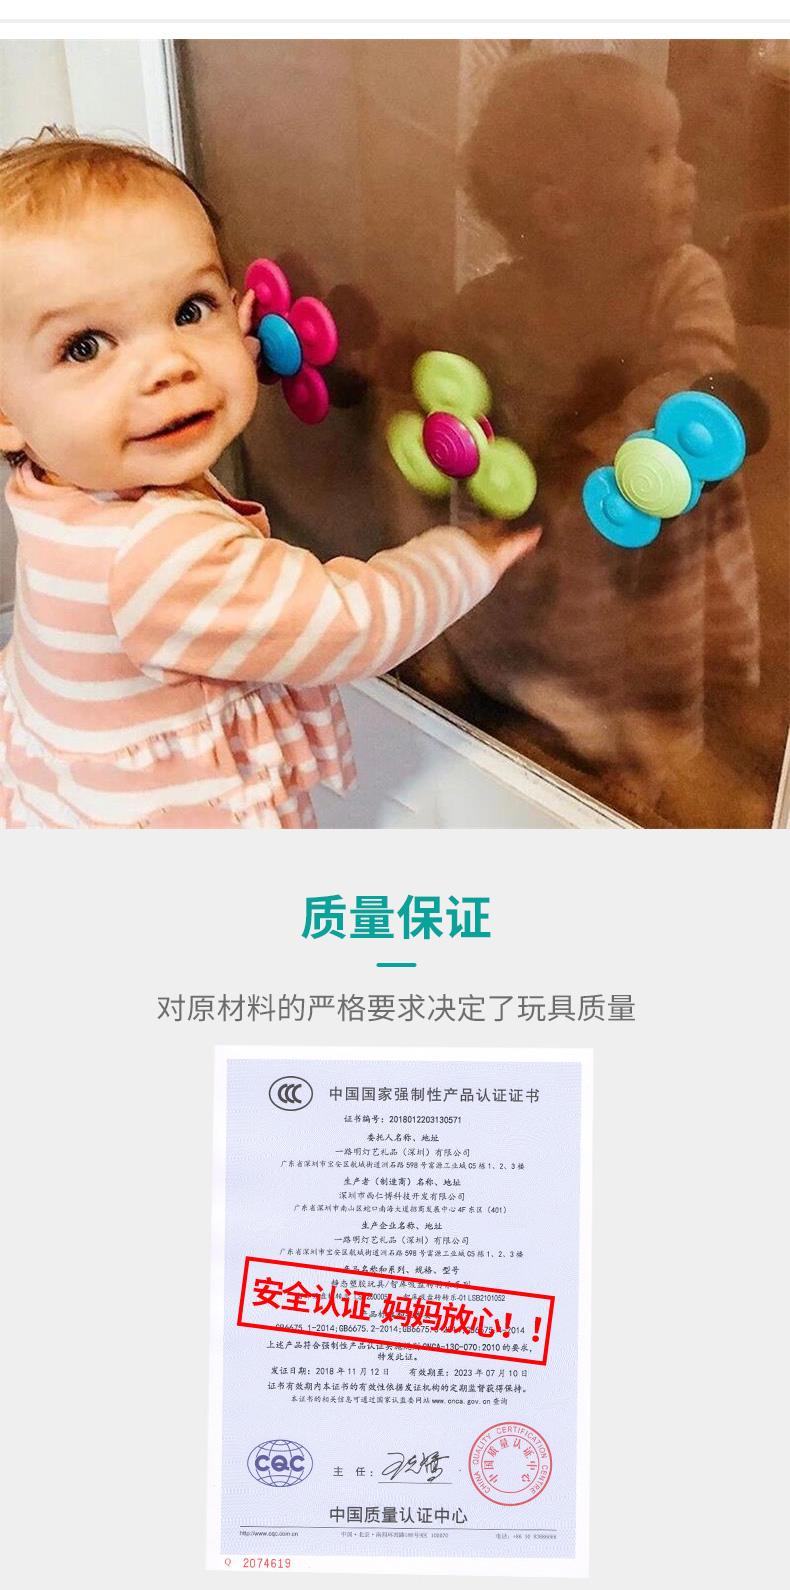 智库吸吸乐儿童早教益智积木可携式硅胶吸盘玩具拼装详细照片